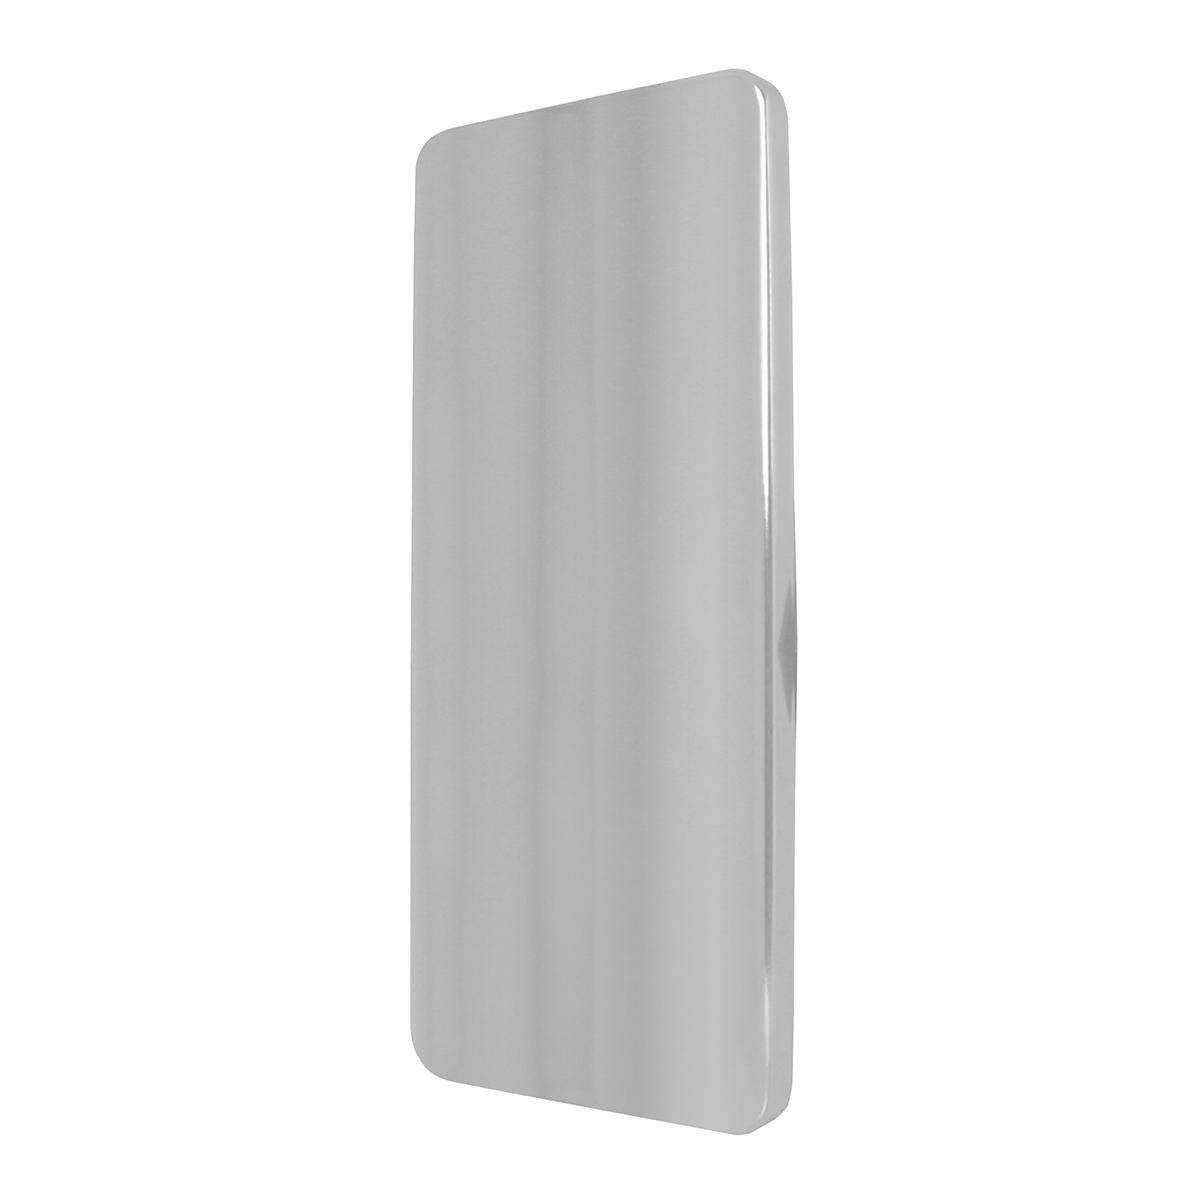 97630 Exterior Vent Door Covers for International